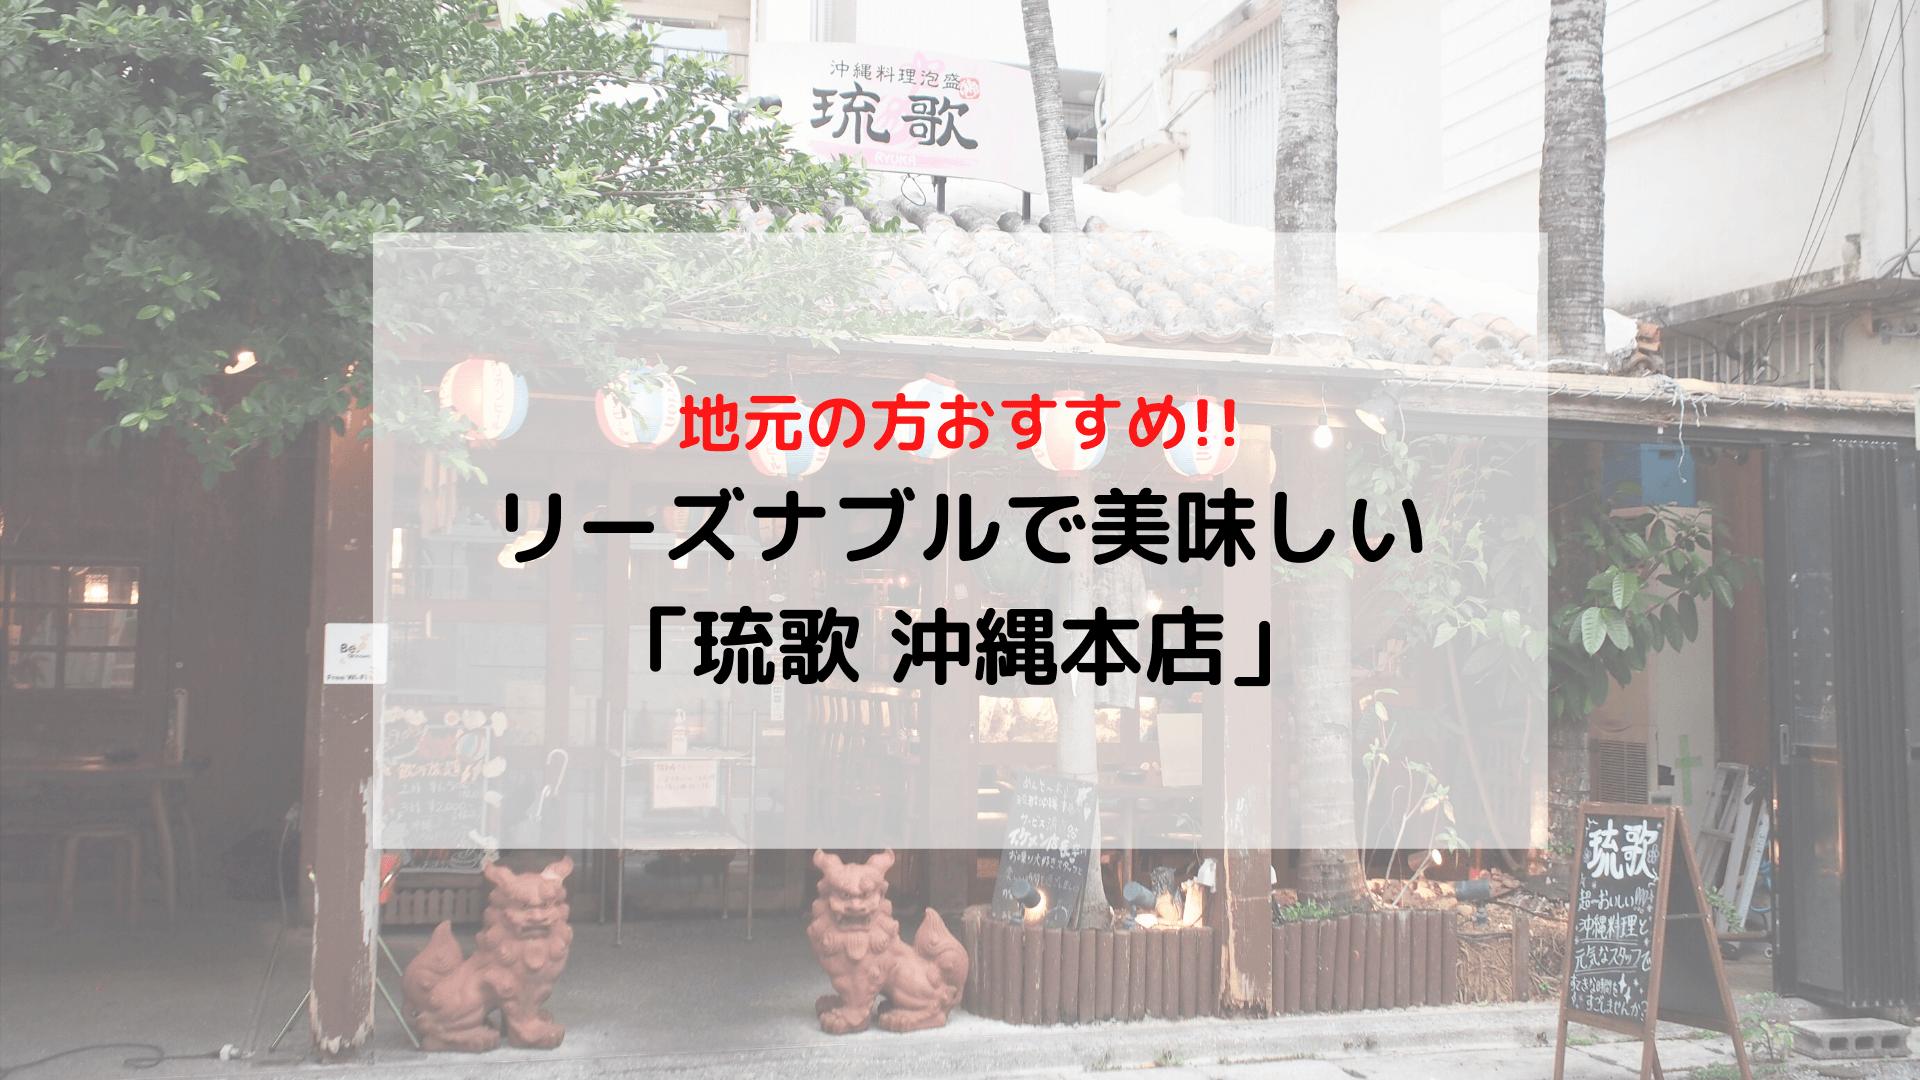 リーズナブルで美味しいおすすめ沖縄料理店